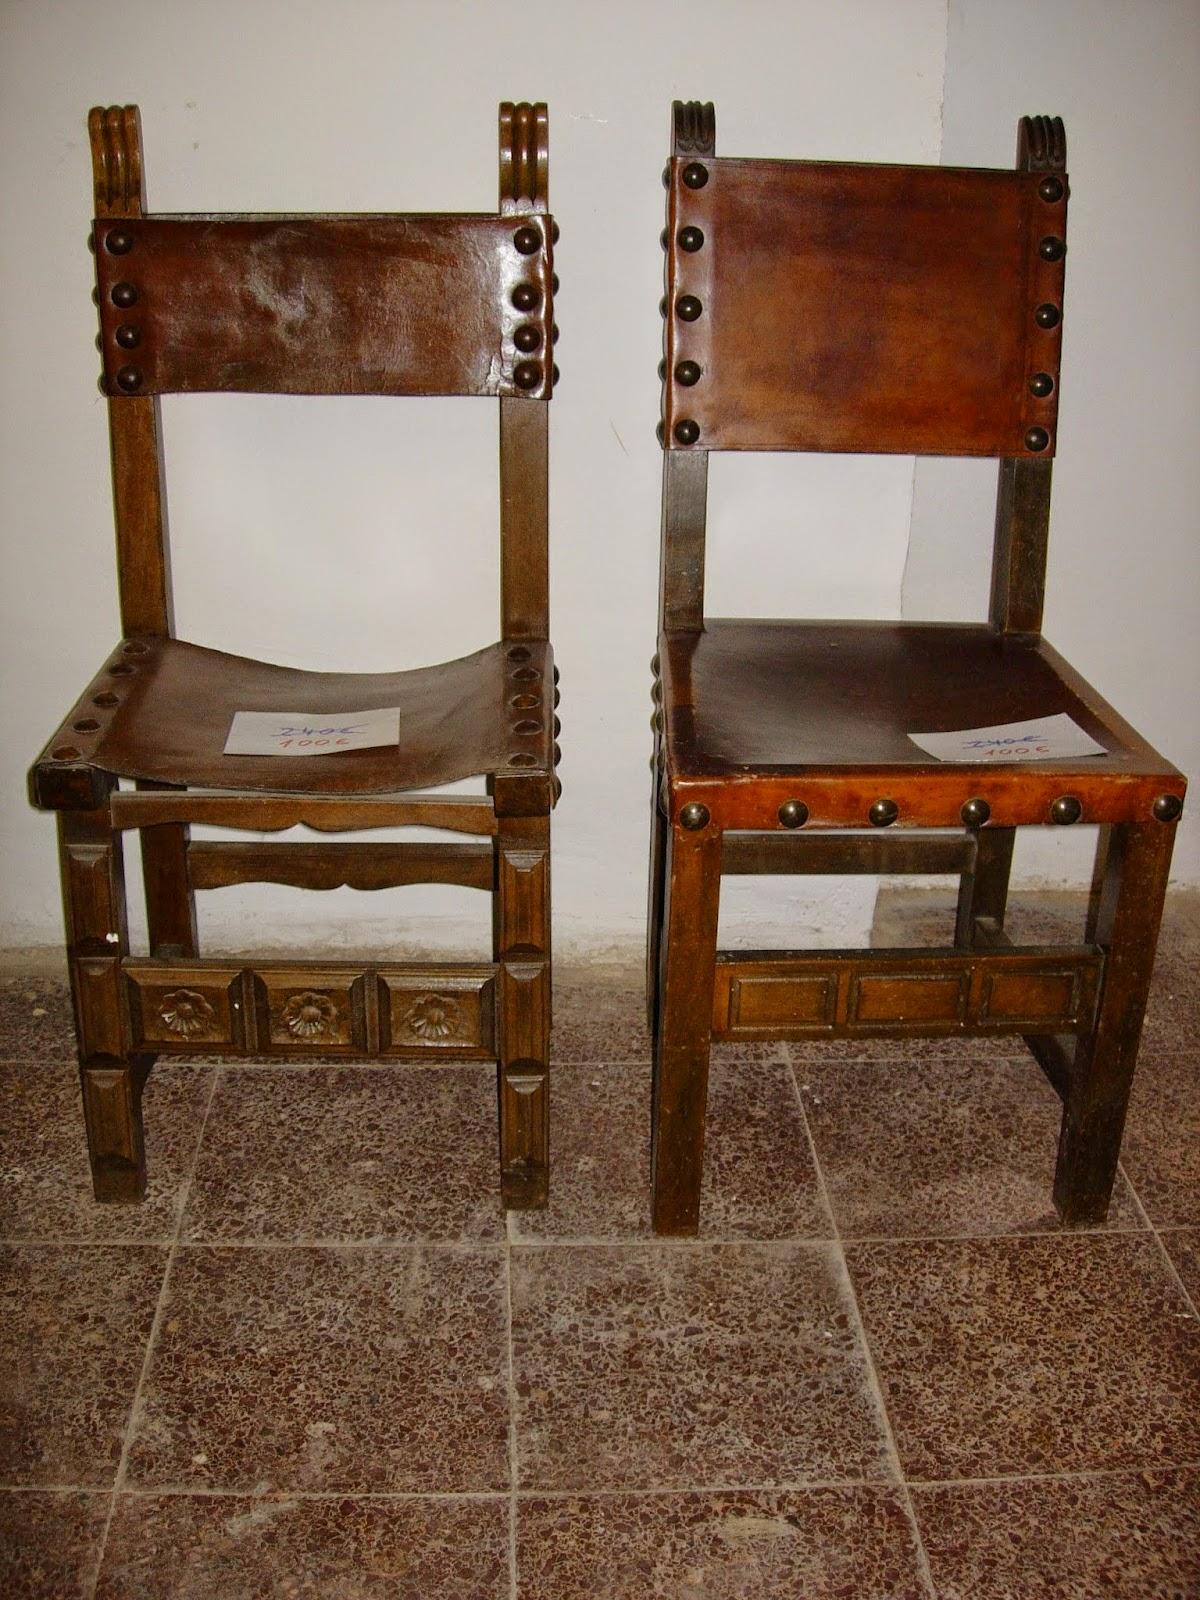 Antig edades fern ndez muebles mesas sillas for Sillas de madera precios